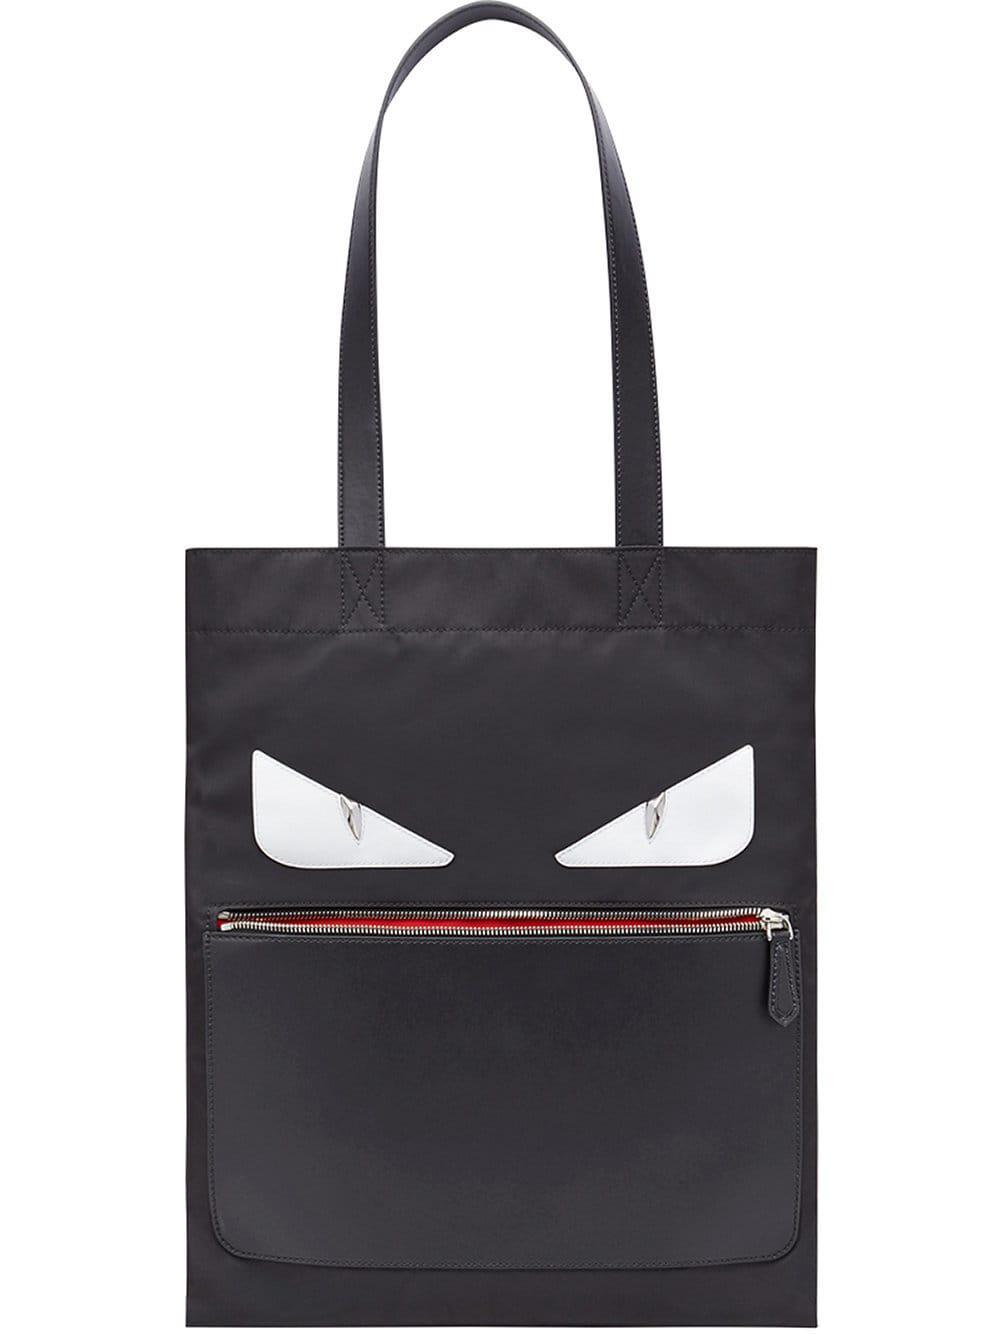 5d93095ccf Lyst - Fendi Slim Tote Nylon in Black for Men - Save 40.0%